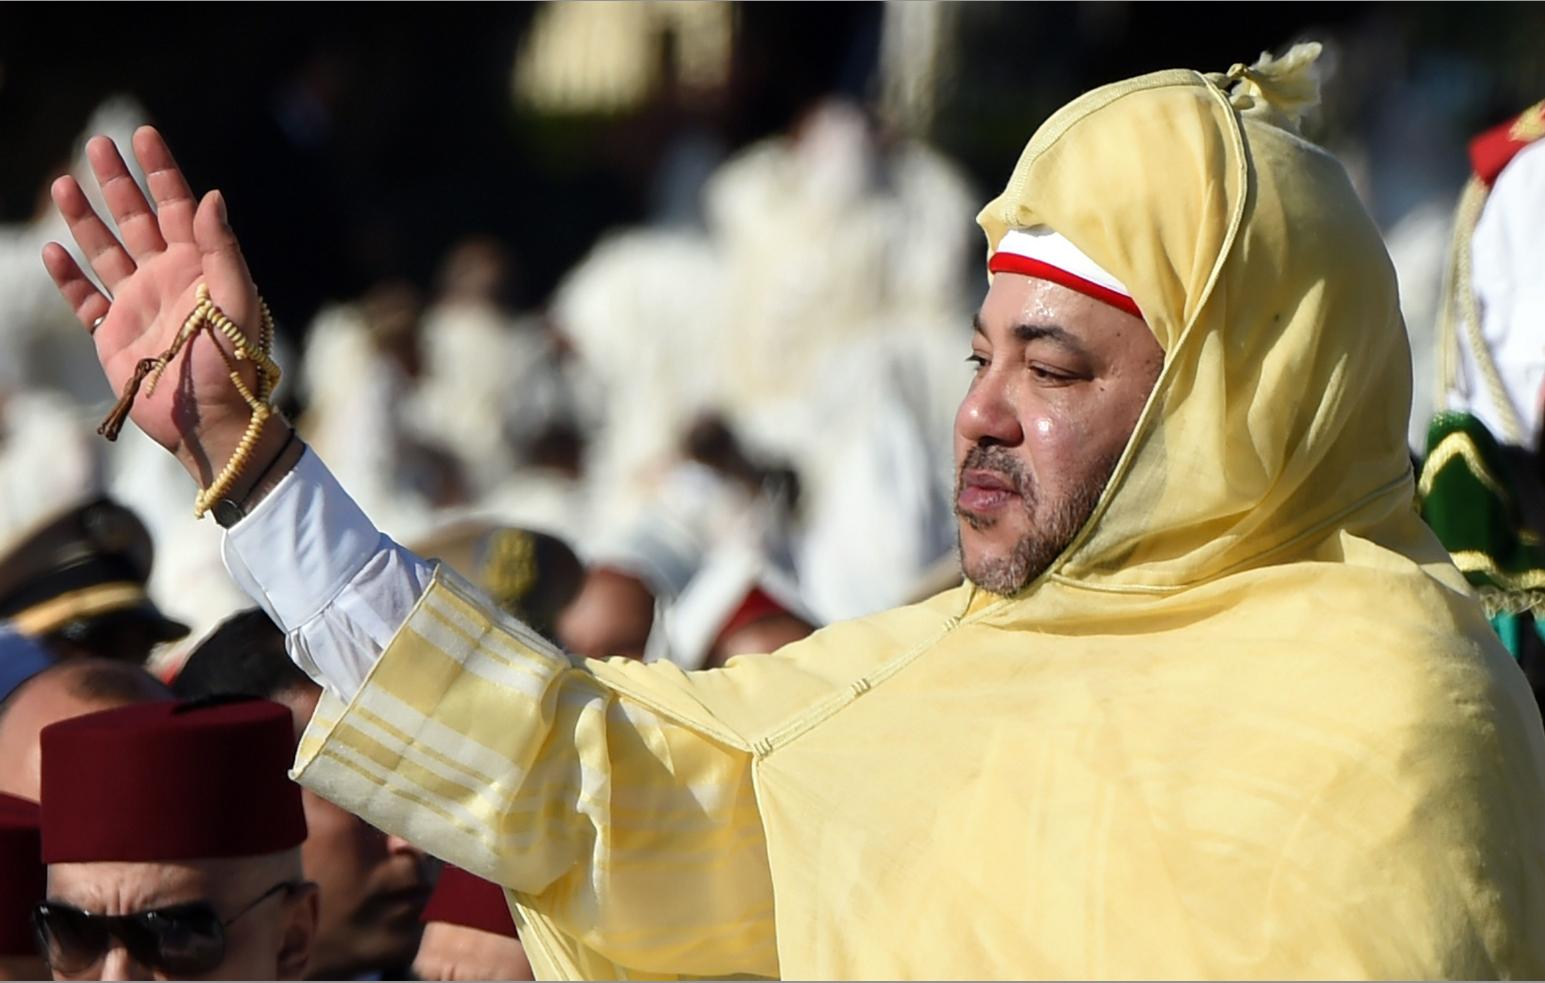 محمد السادس ملك الإصلاح والنهضة في المغرب